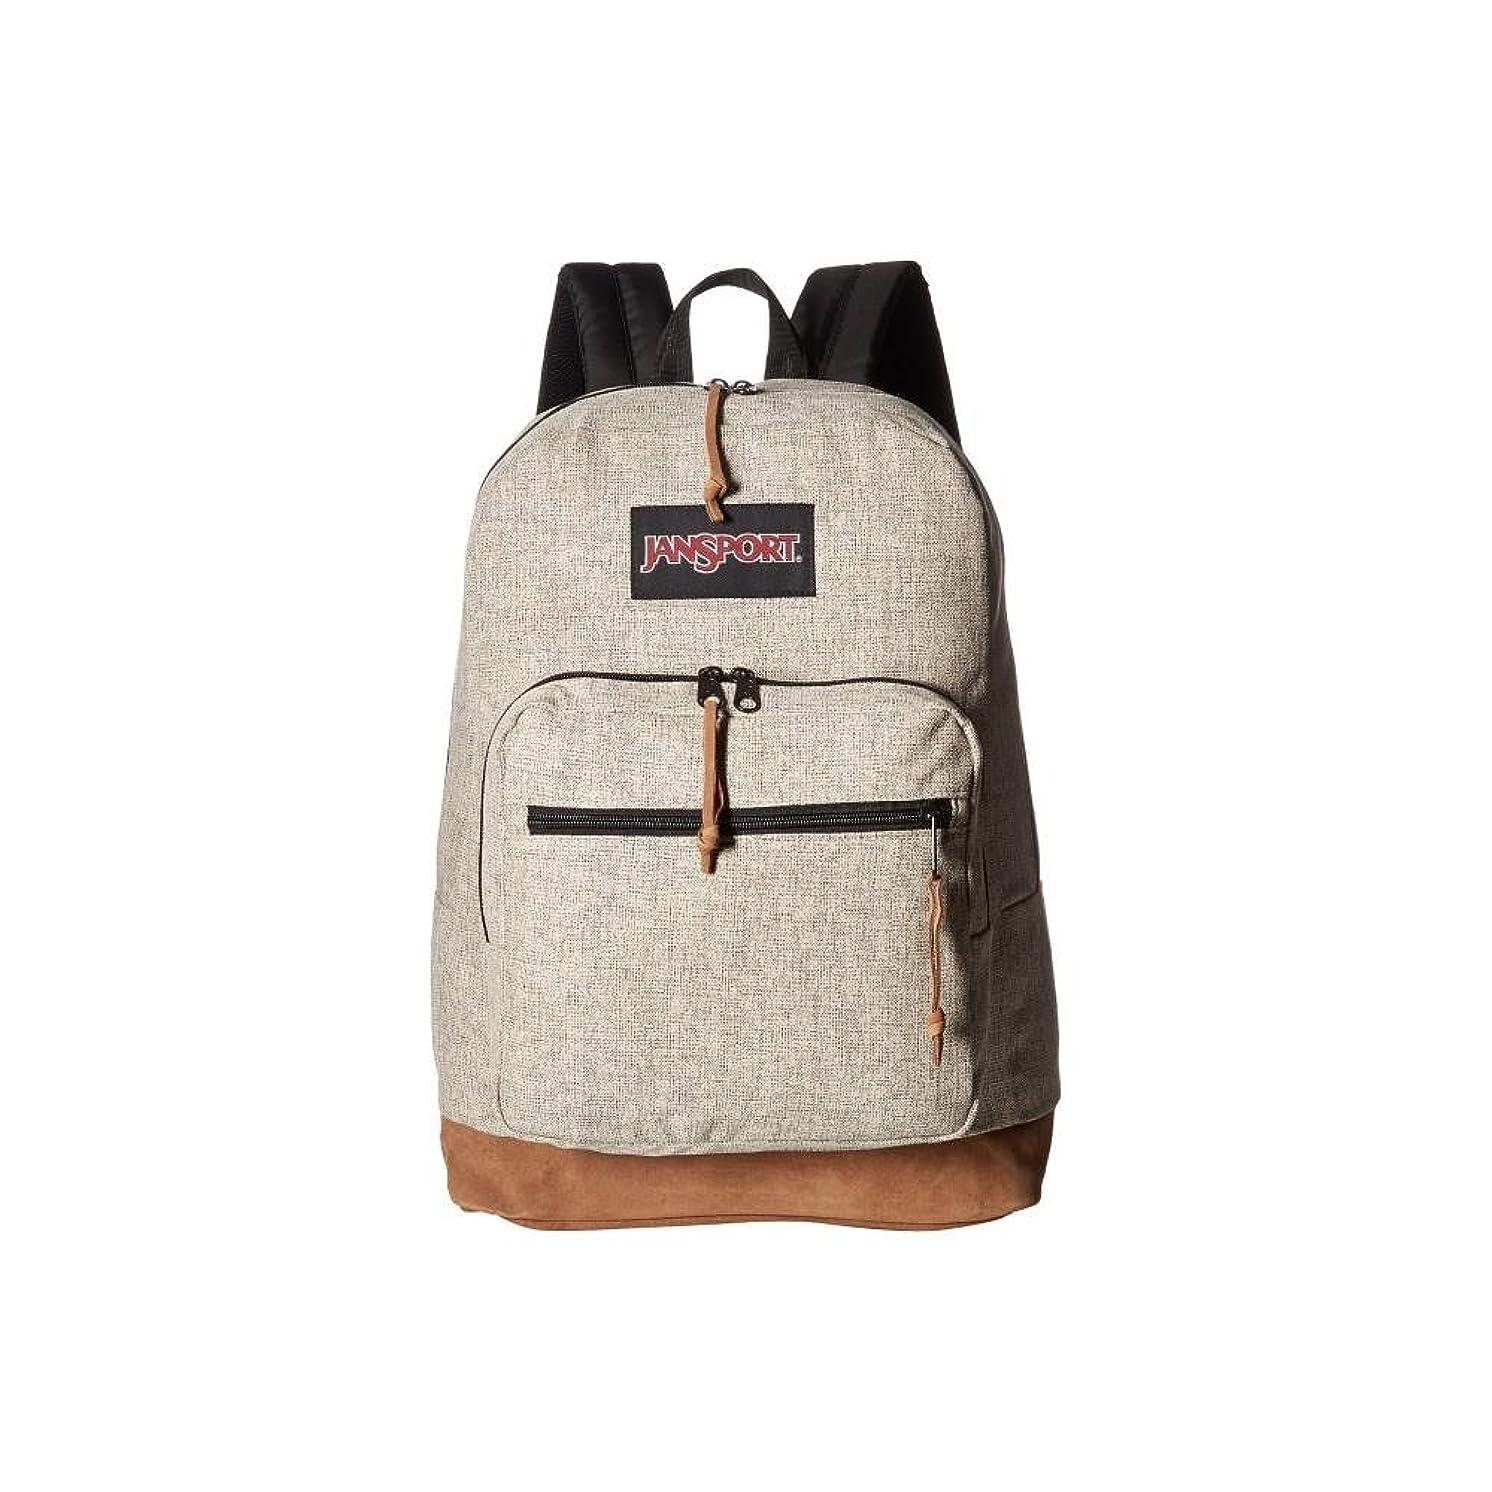 副産物シェトランド諸島にぎやか(ジャンスポーツ) JanSport メンズ バッグ バックパック?リュック Right Pack Digital Edition 並行輸入品